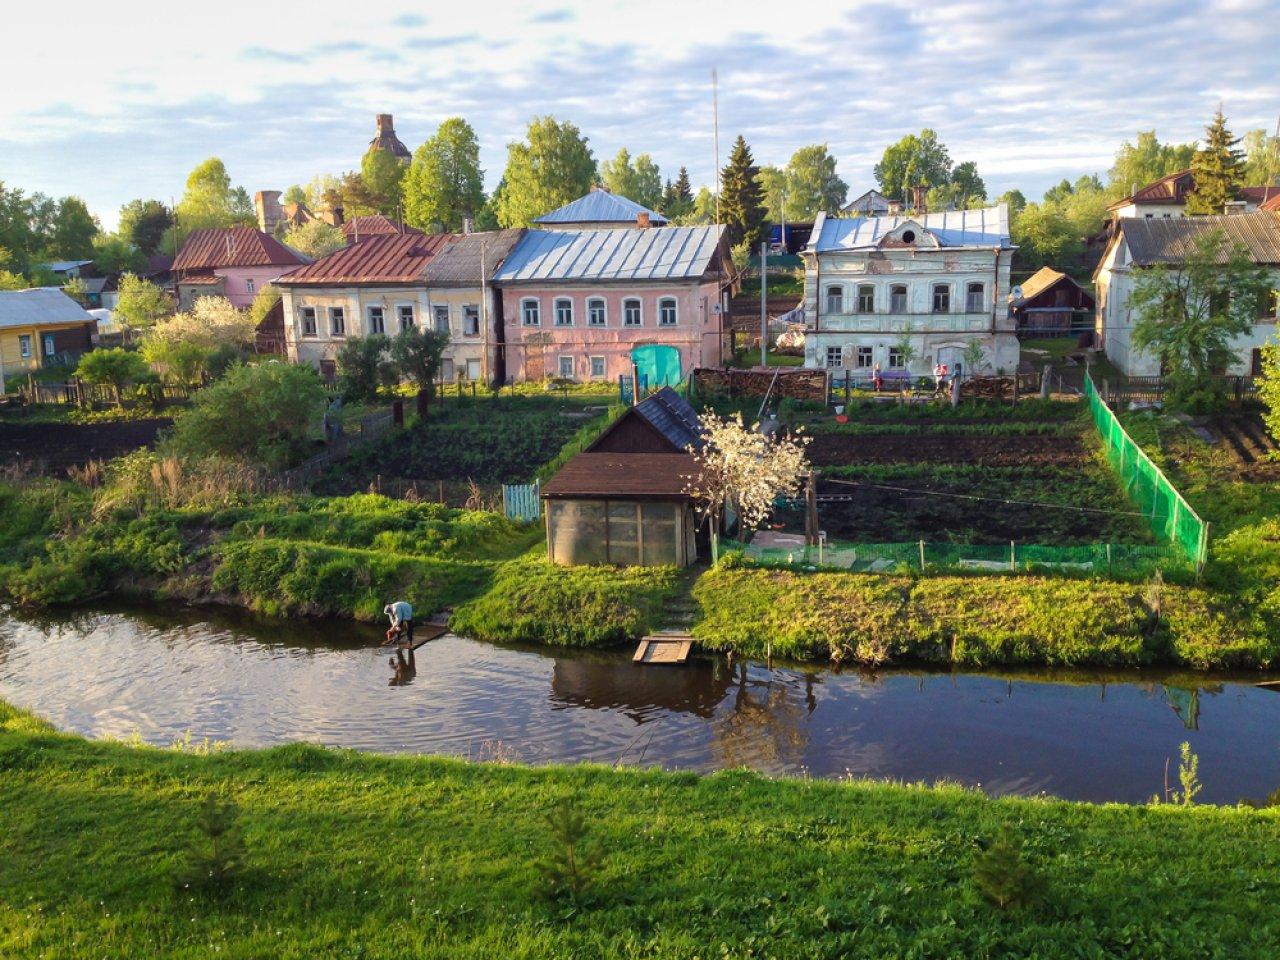 Вятское было признано самой красивой деревней вРоссии. Фото: Ирина Мос / Shutterstock